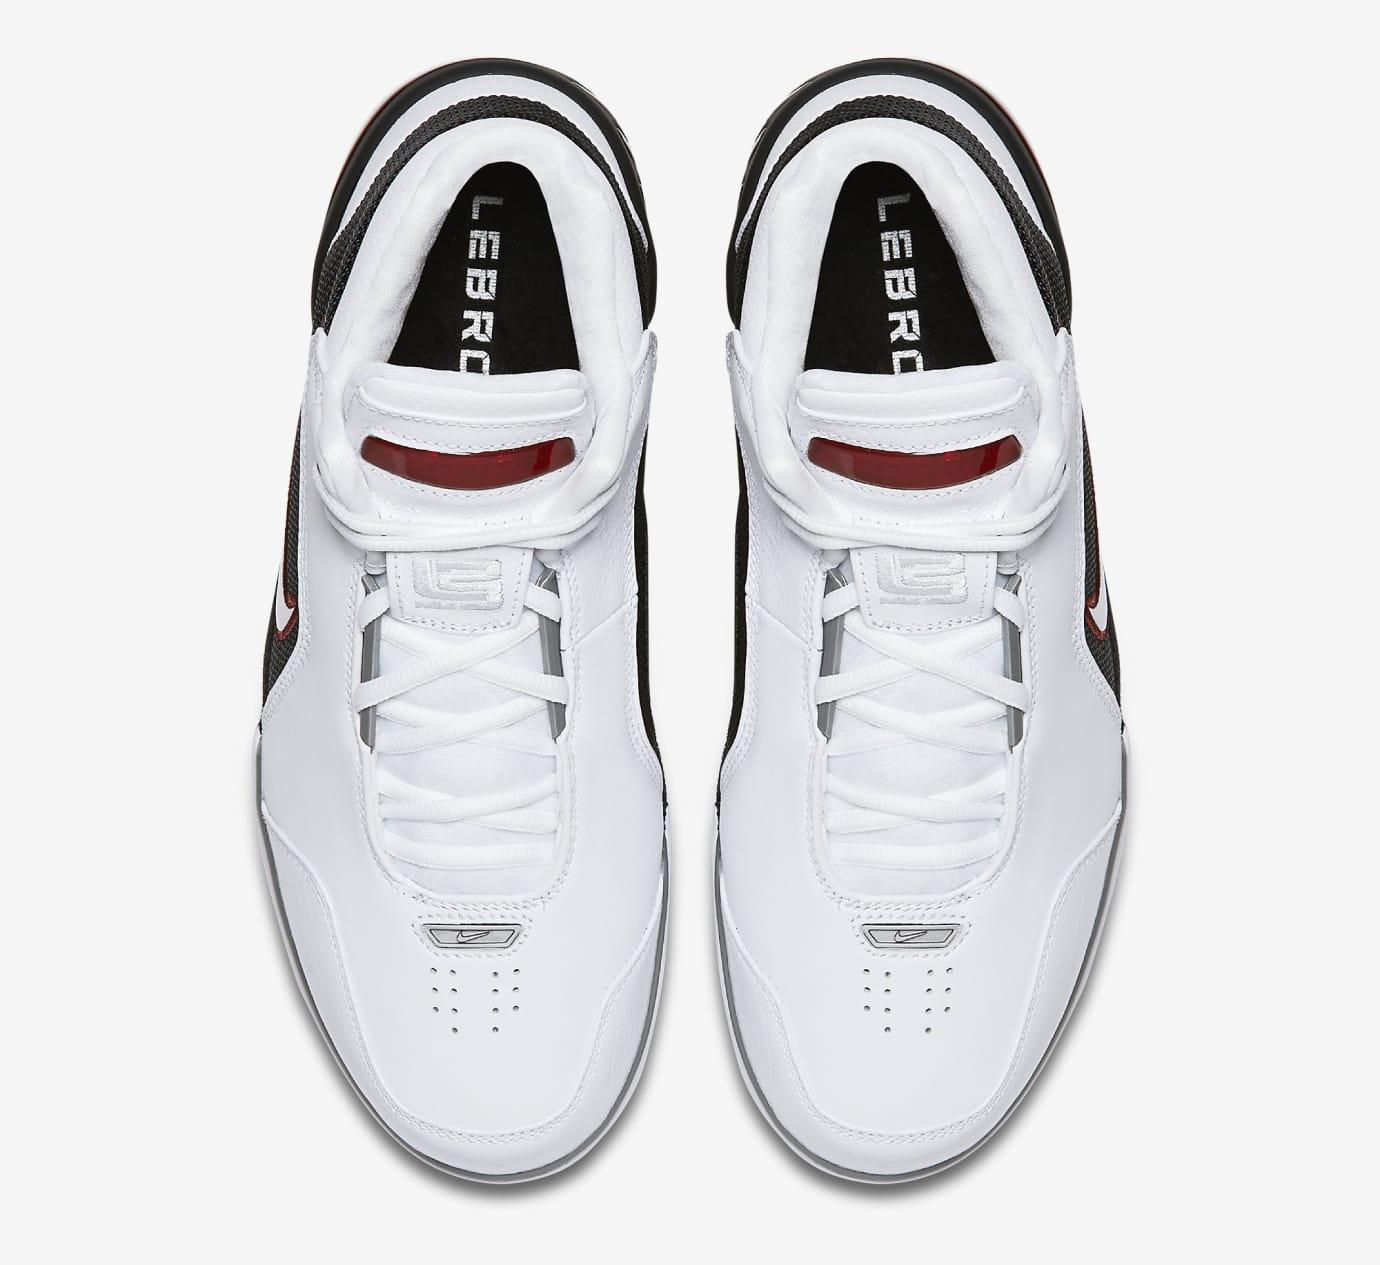 a19b643f25c Image via Nike LeBron Retro Nike Air Zoom Generation AJ4204-101 Top